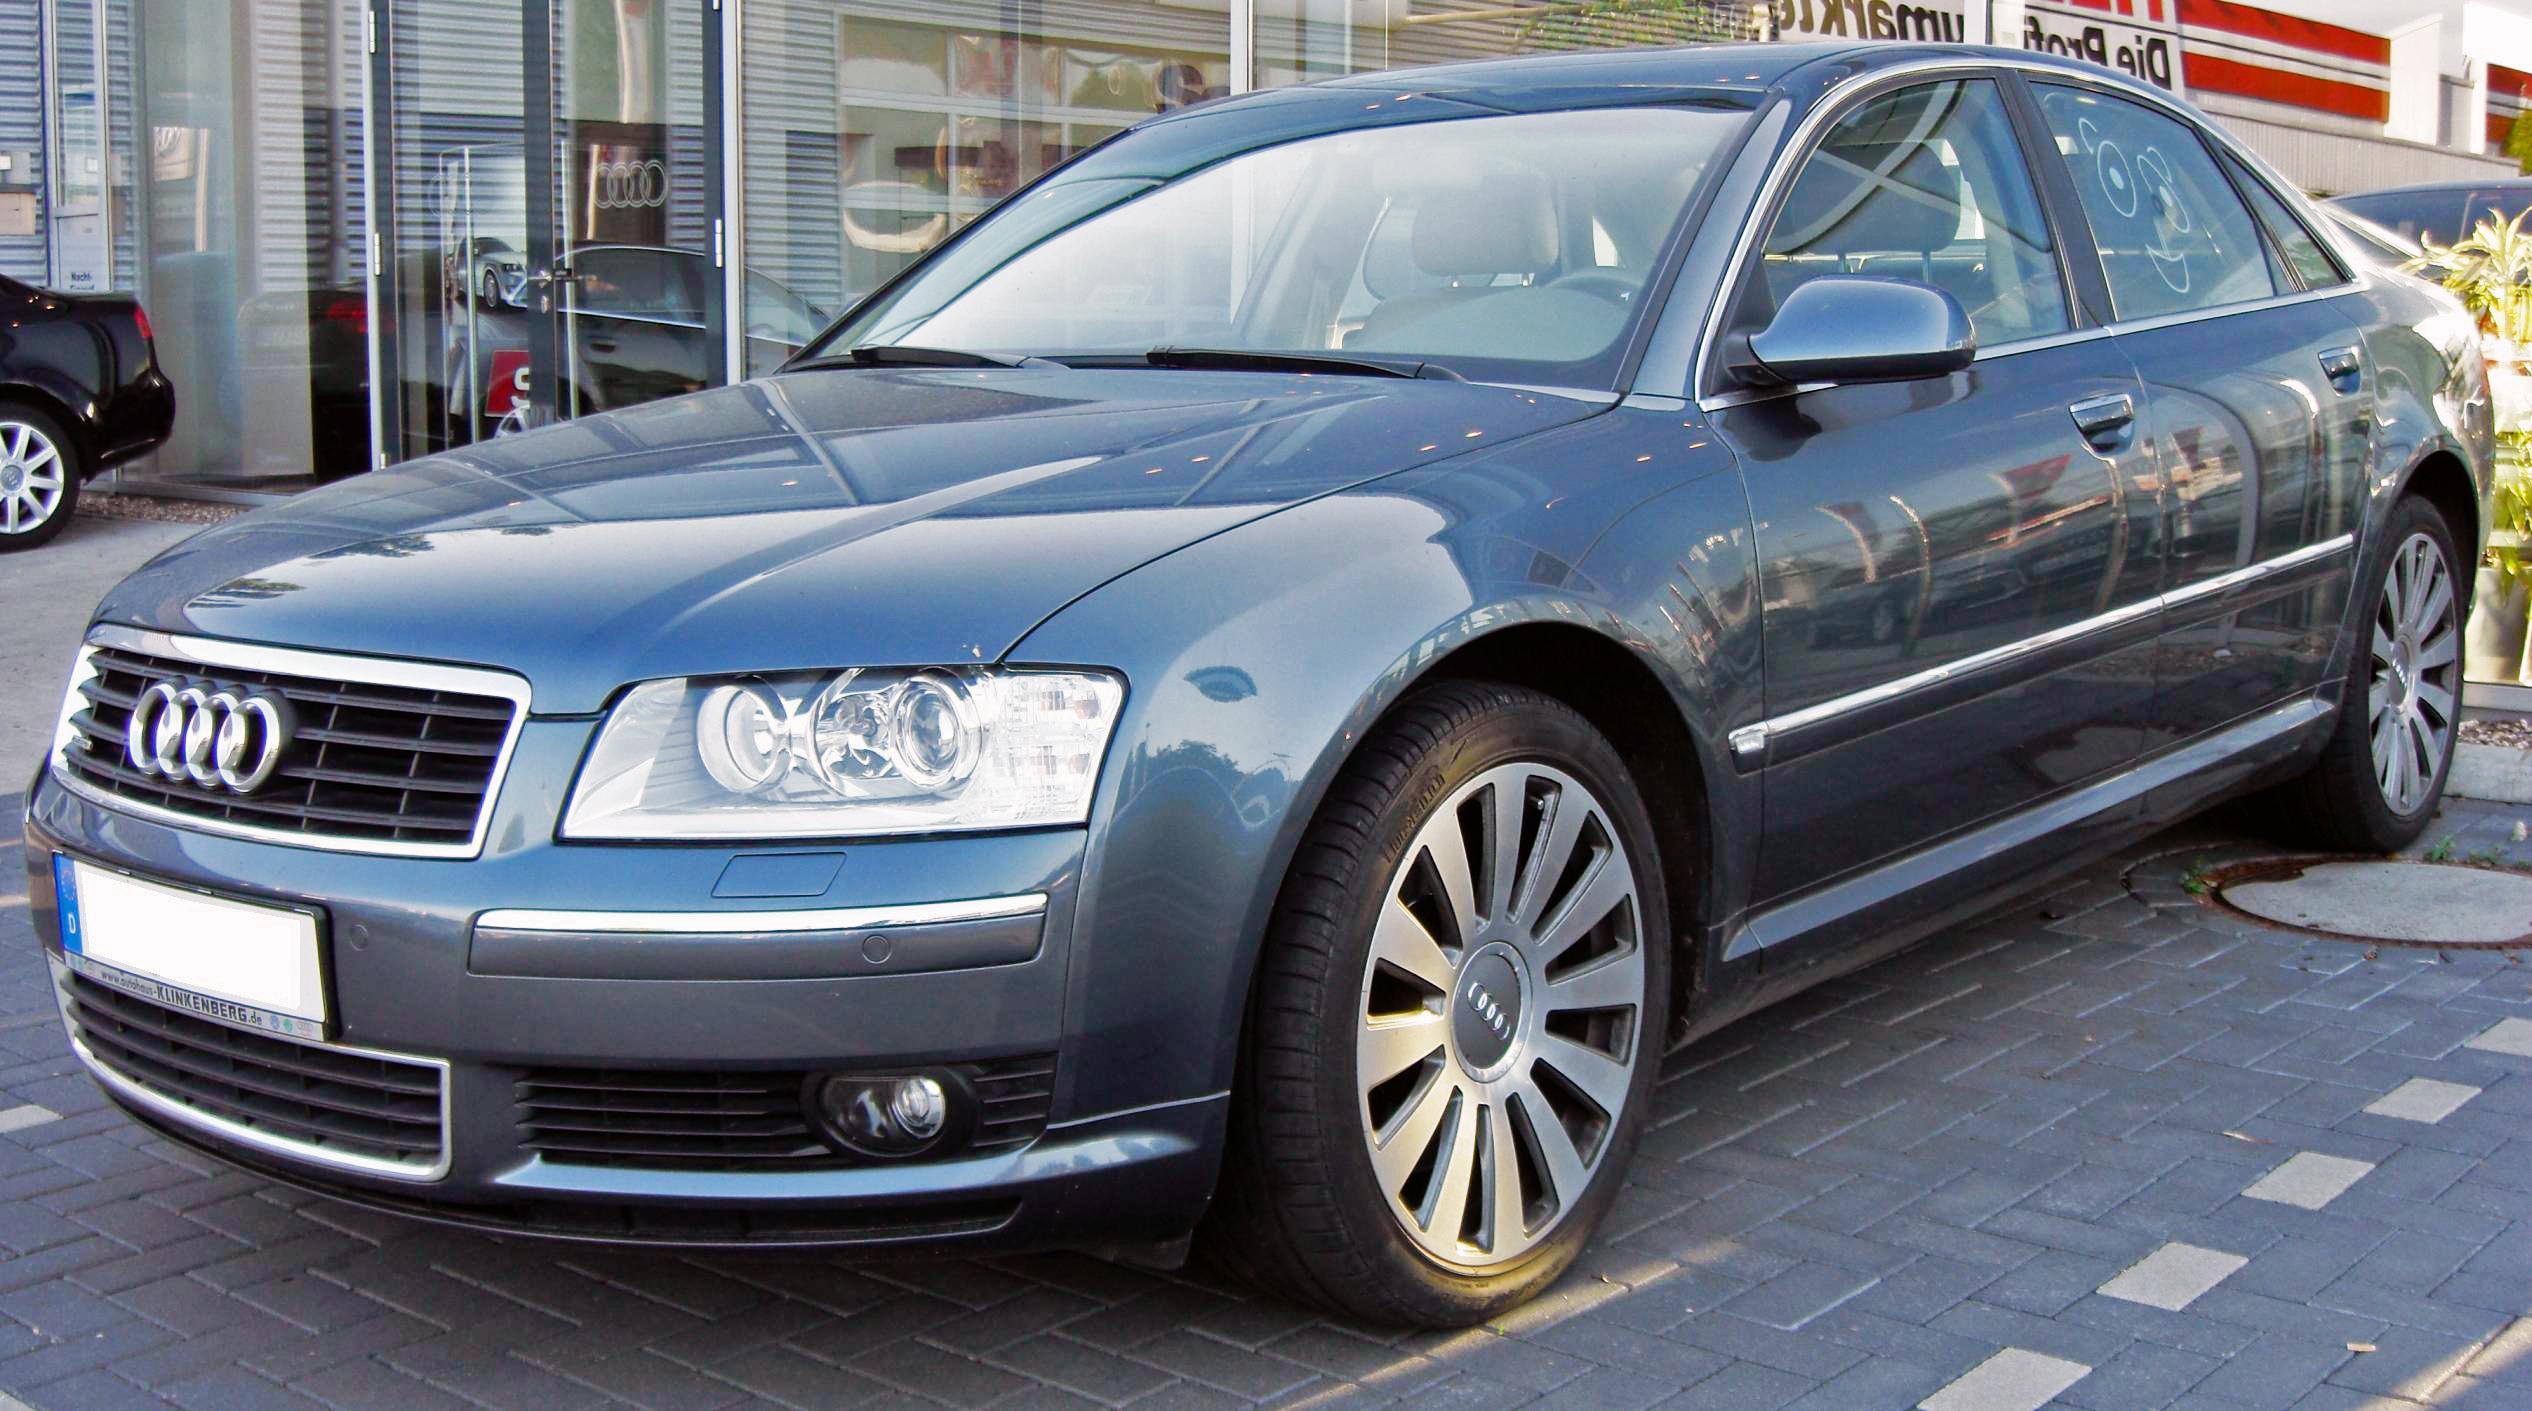 Kelebihan Audi A8 2005 Perbandingan Harga